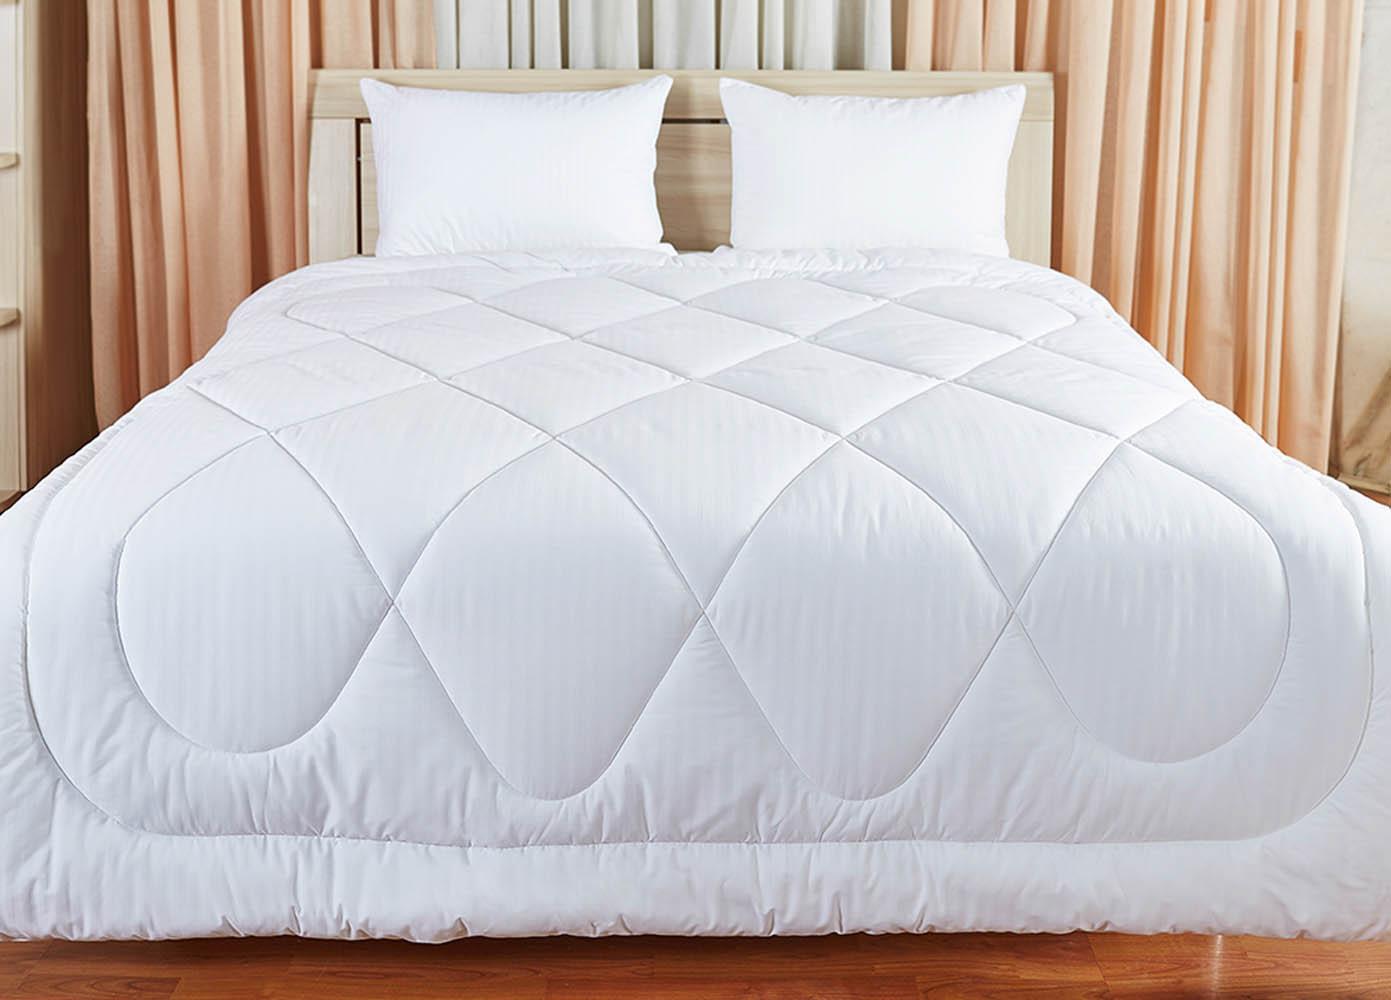 Где заказать качественное одеяло?